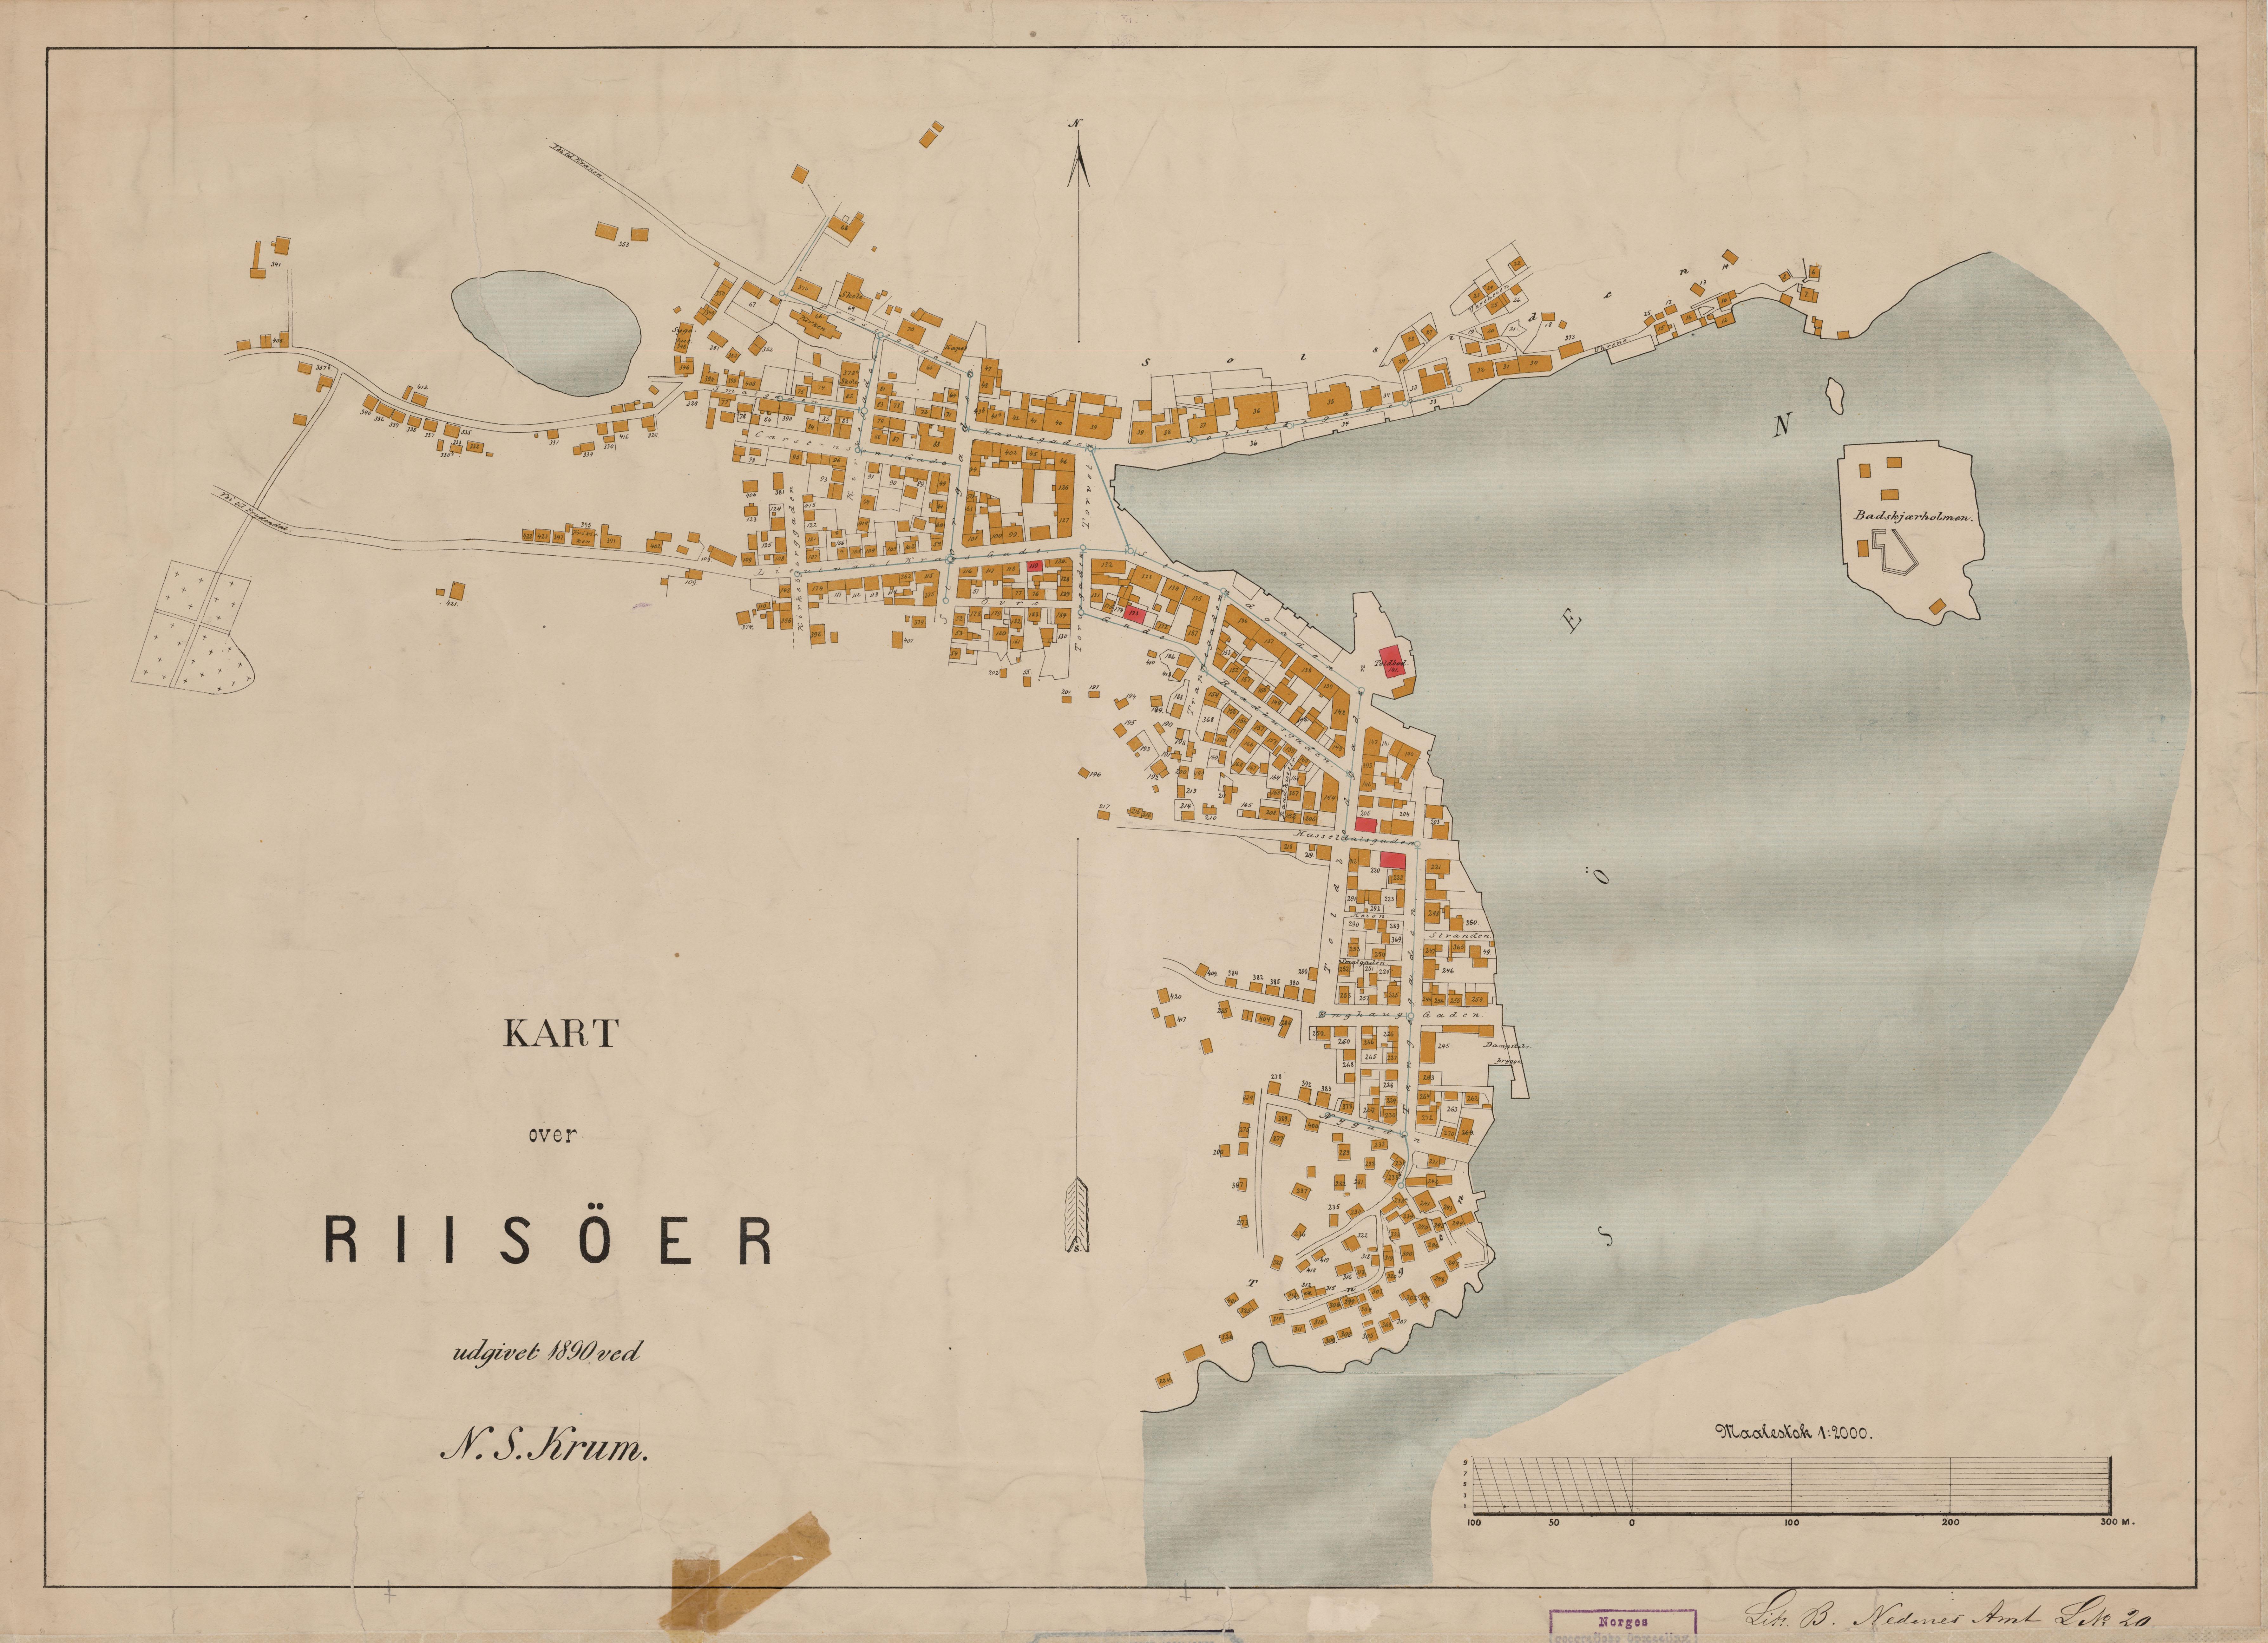 kart over risør File:Nedenes amt nr 22  Kart over Risør, 1890.   Wikimedia Commons kart over risør